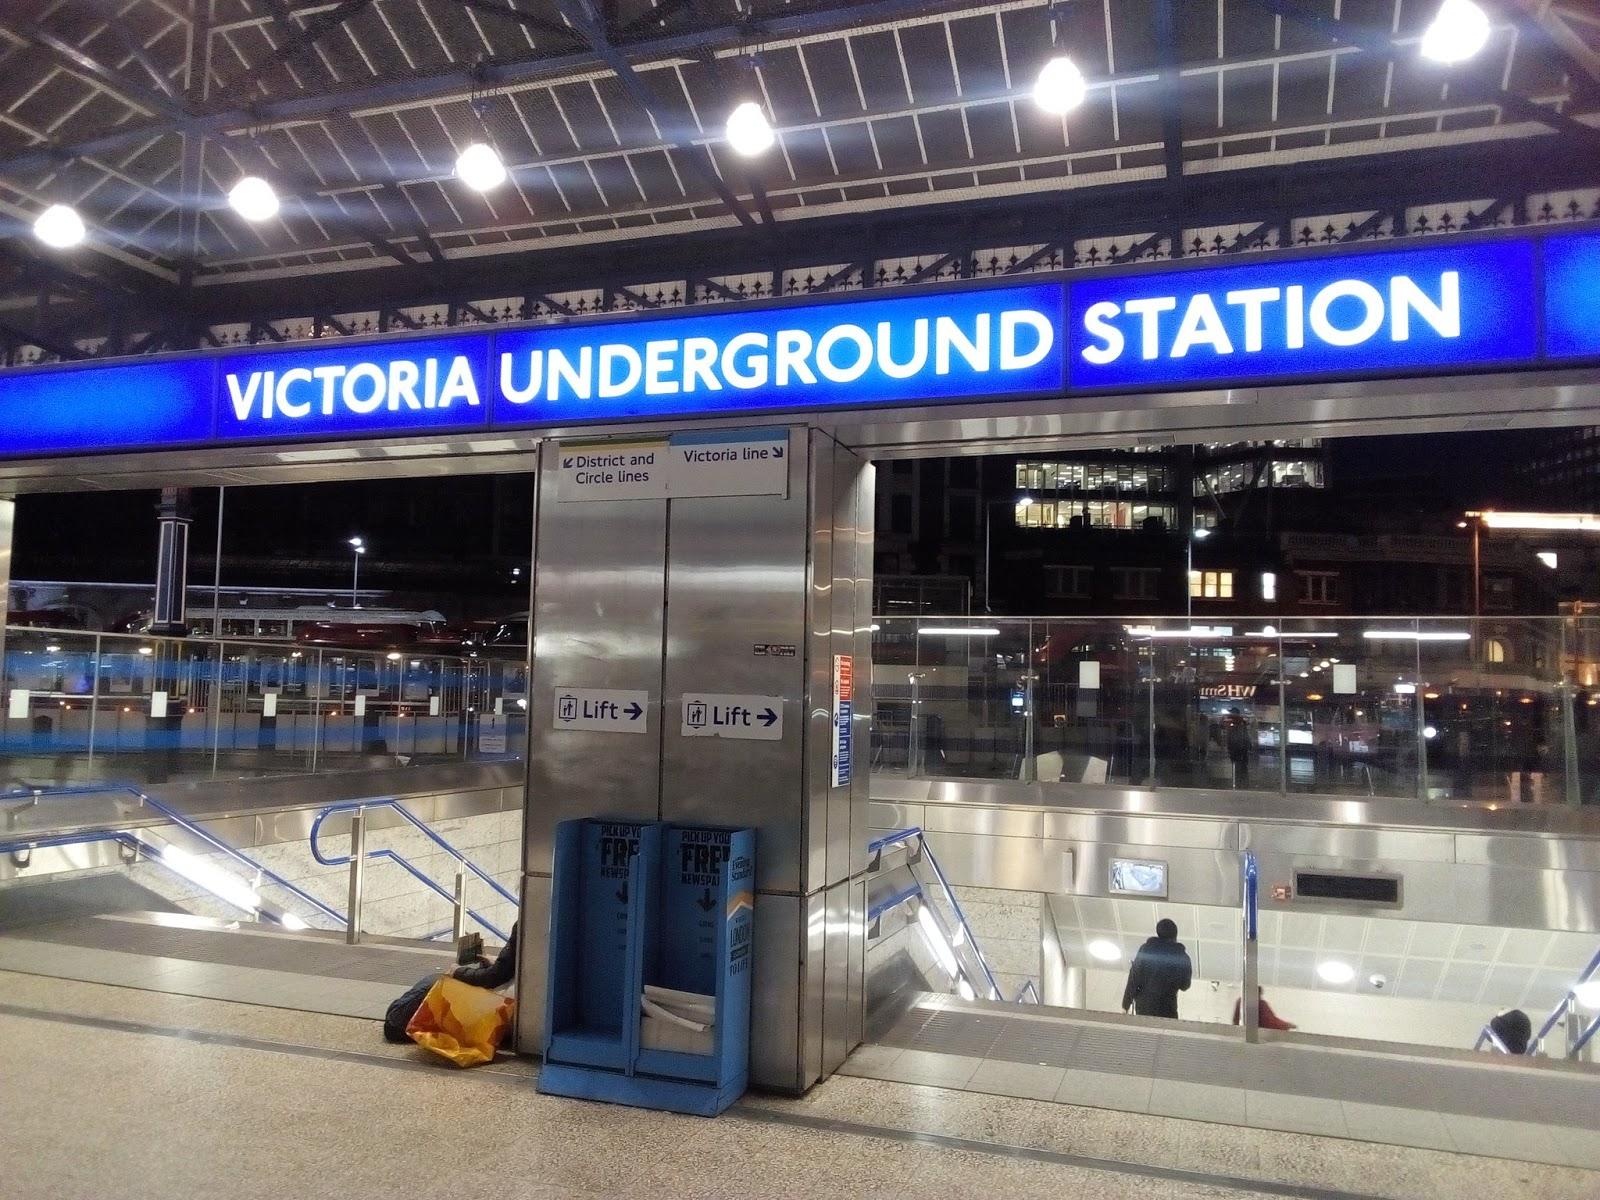 Izgaismots virsraksts virs ieejas metro stacijā Londonā